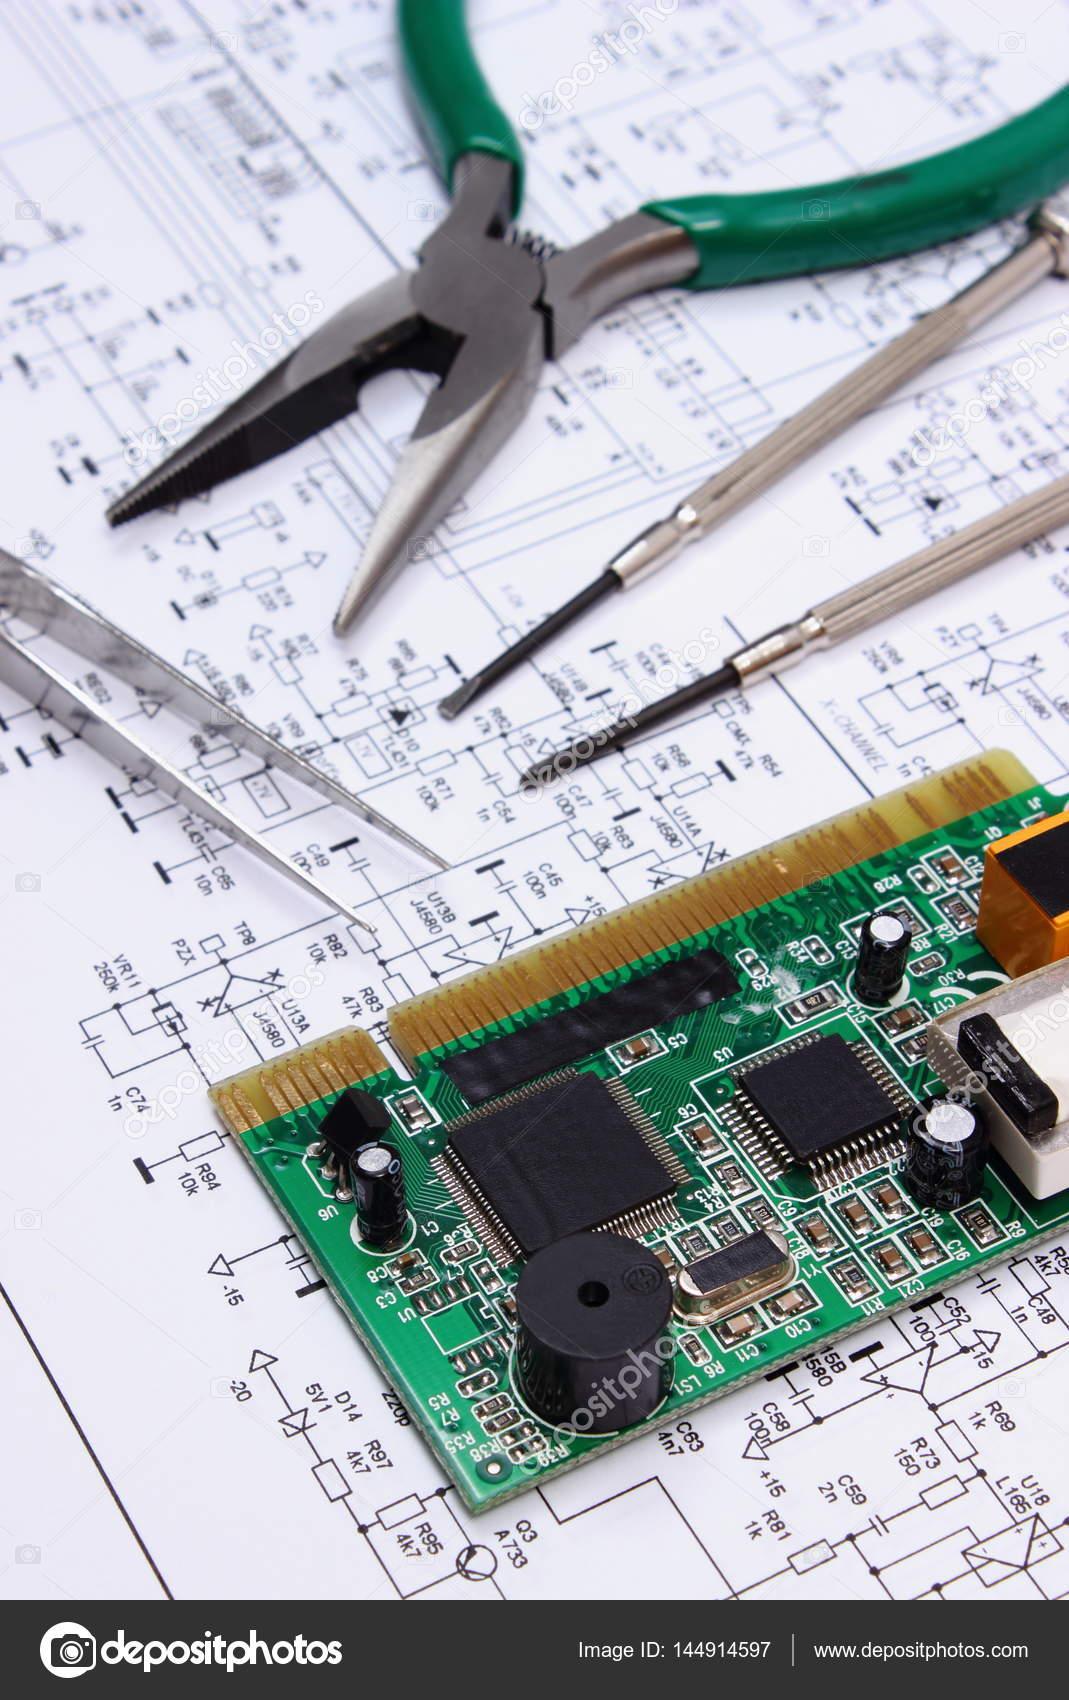 Prime Printed Circuit Board Und Prazision Tools Auf Diagramm Der Wiring Digital Resources Biosshebarightsorg